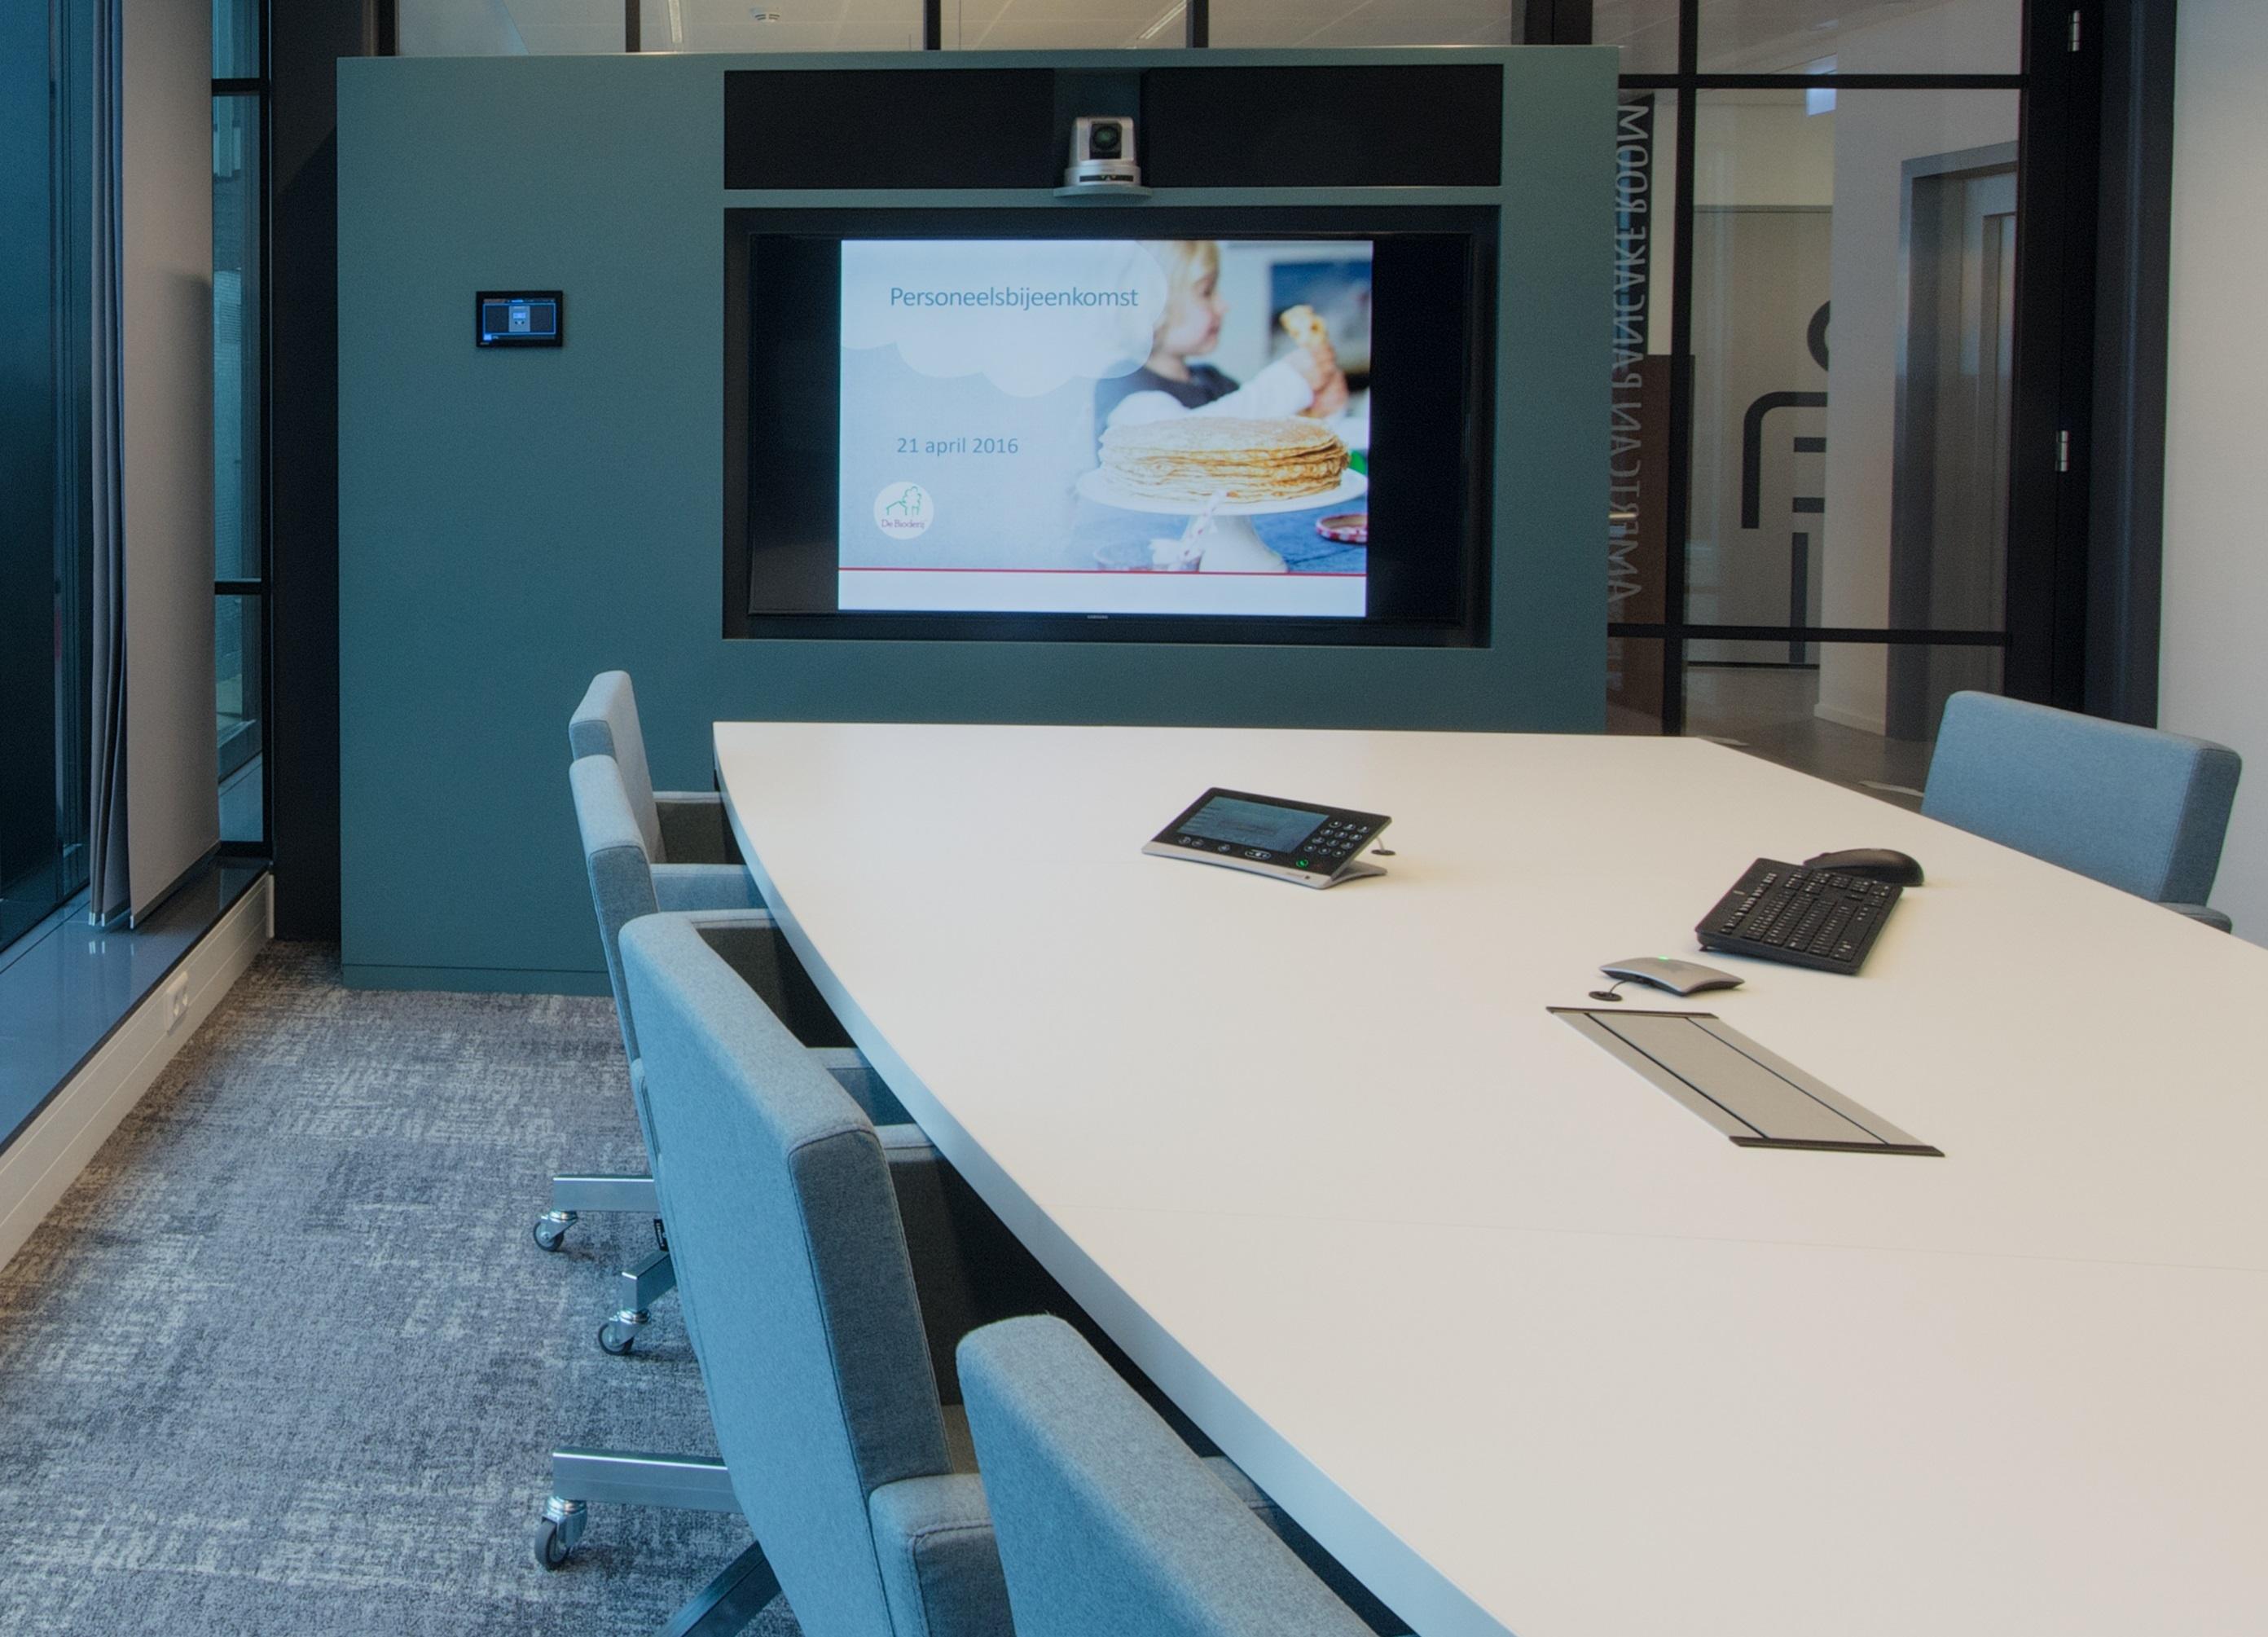 Videoconferentie-ruimte-02jpg